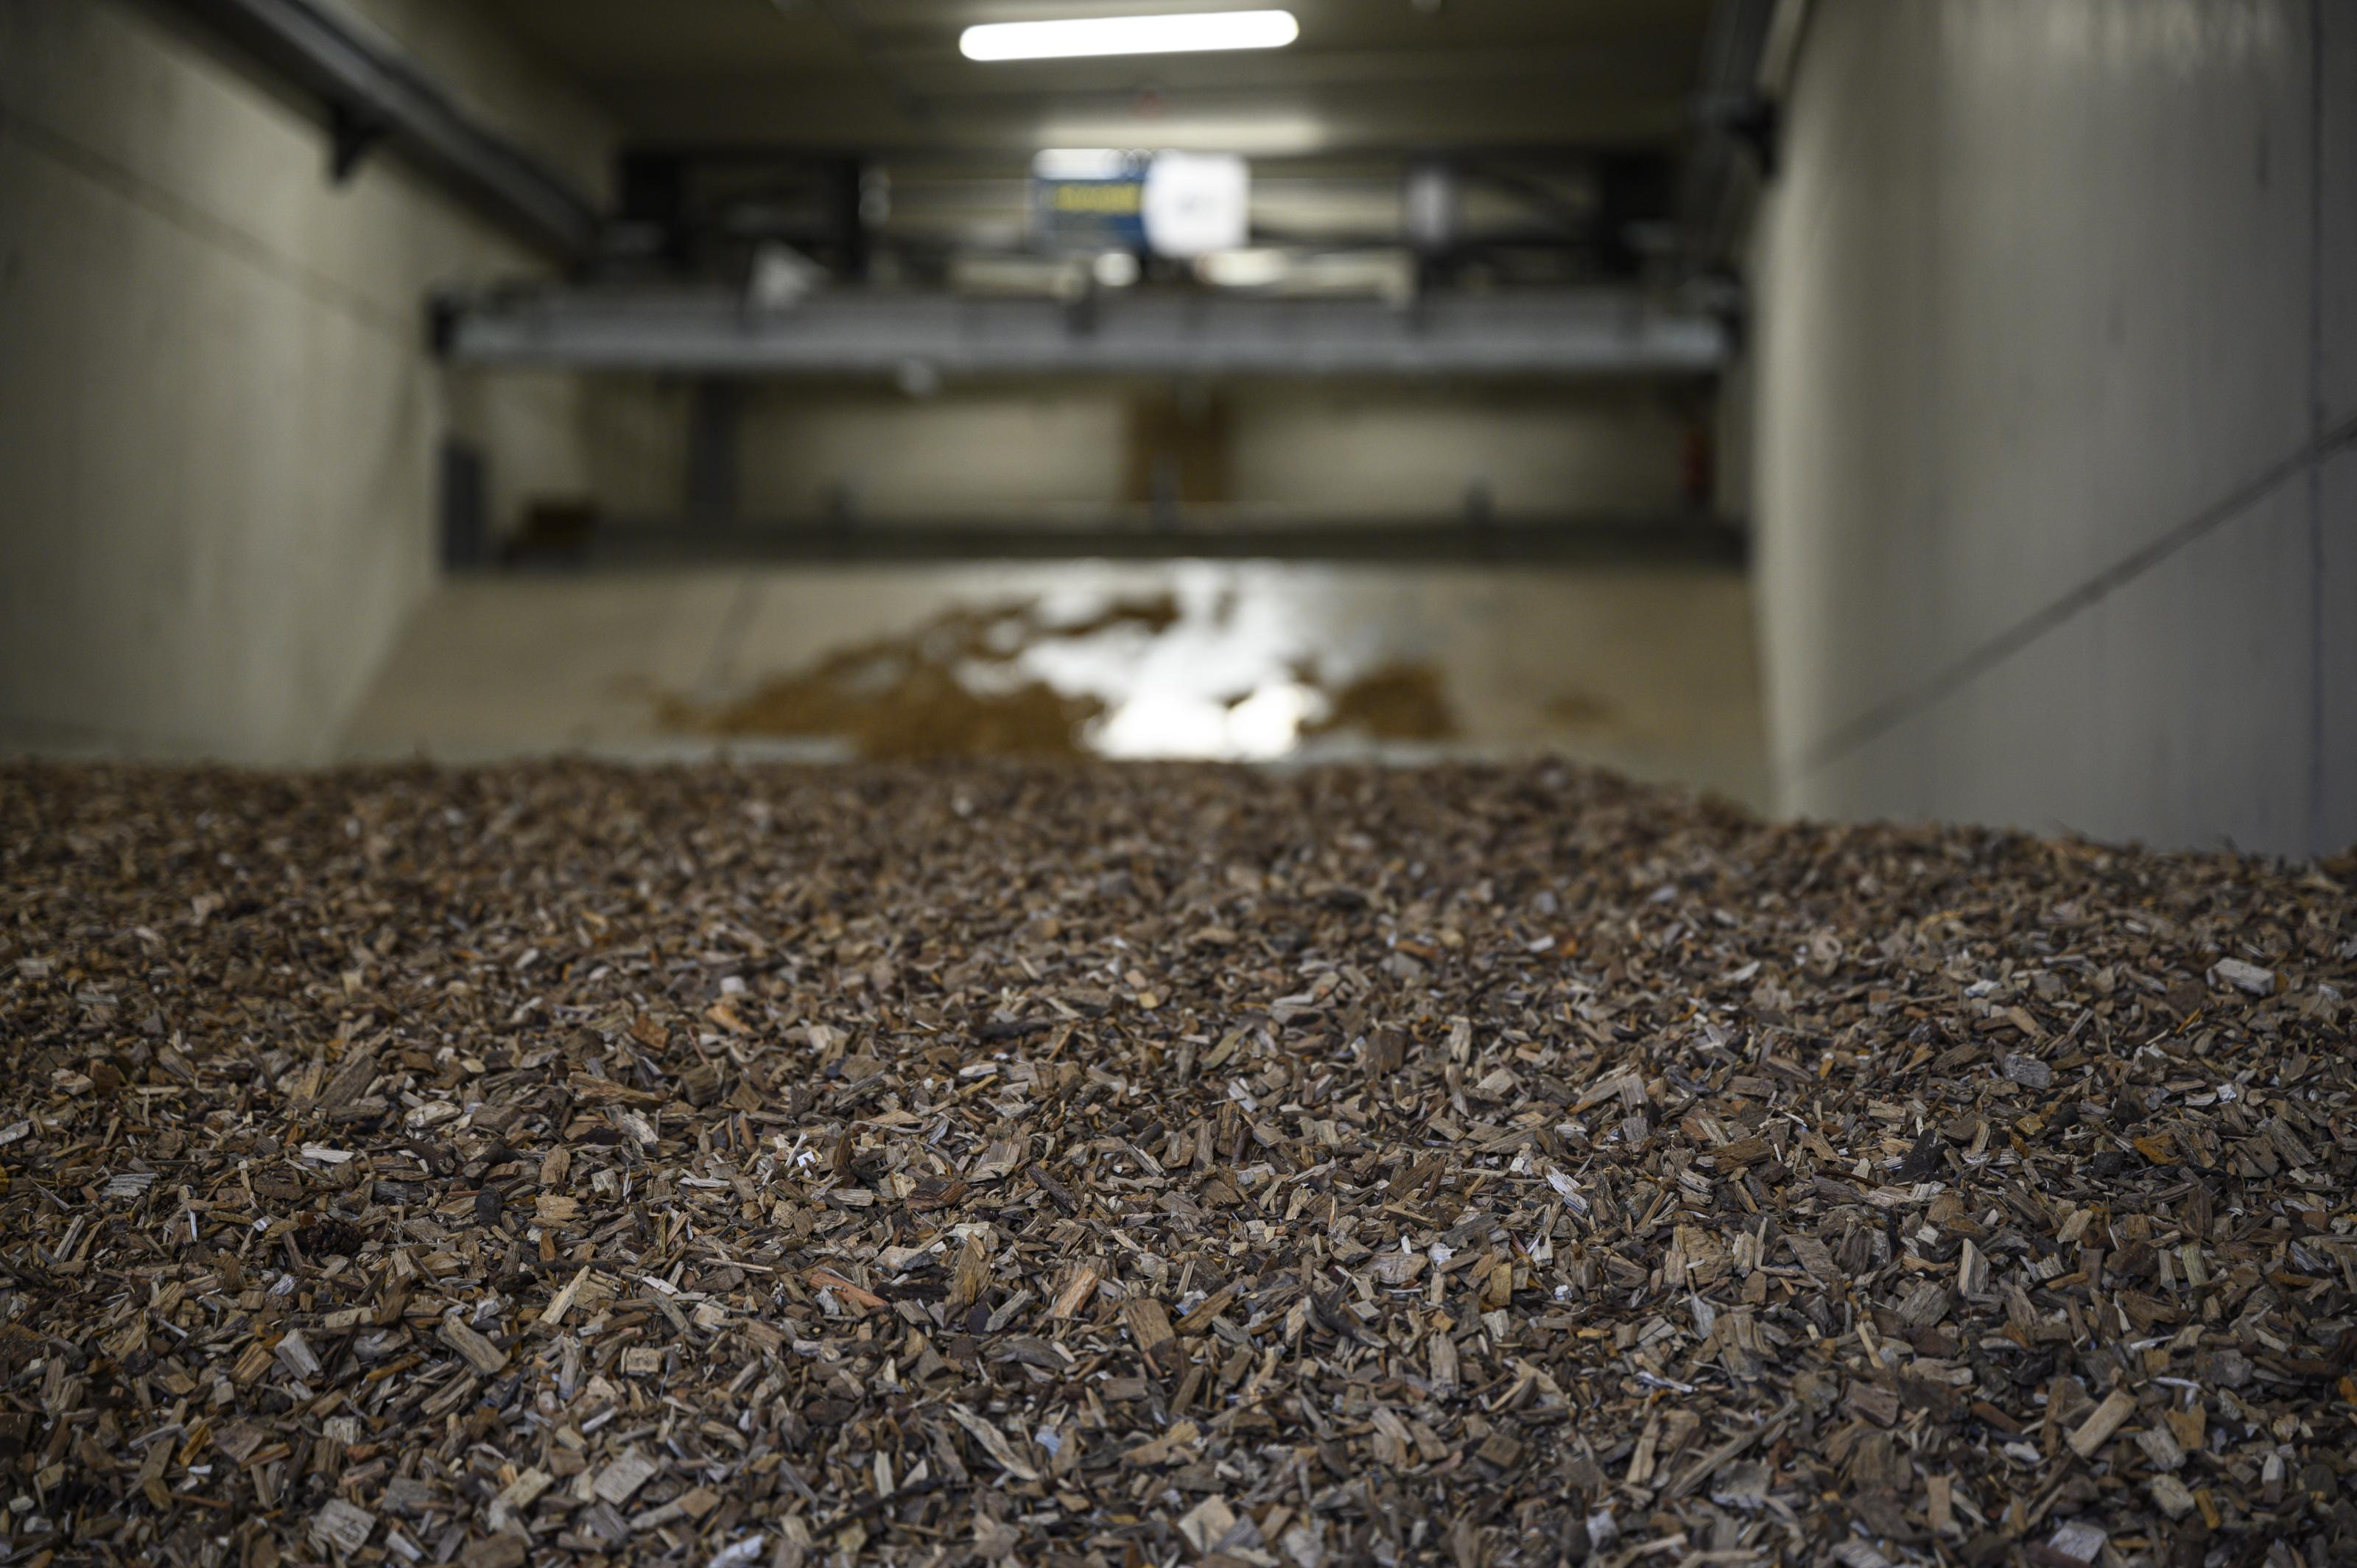 Meerlanden trekt stekker uit omstreden biomassacentrale in Rijsenhout